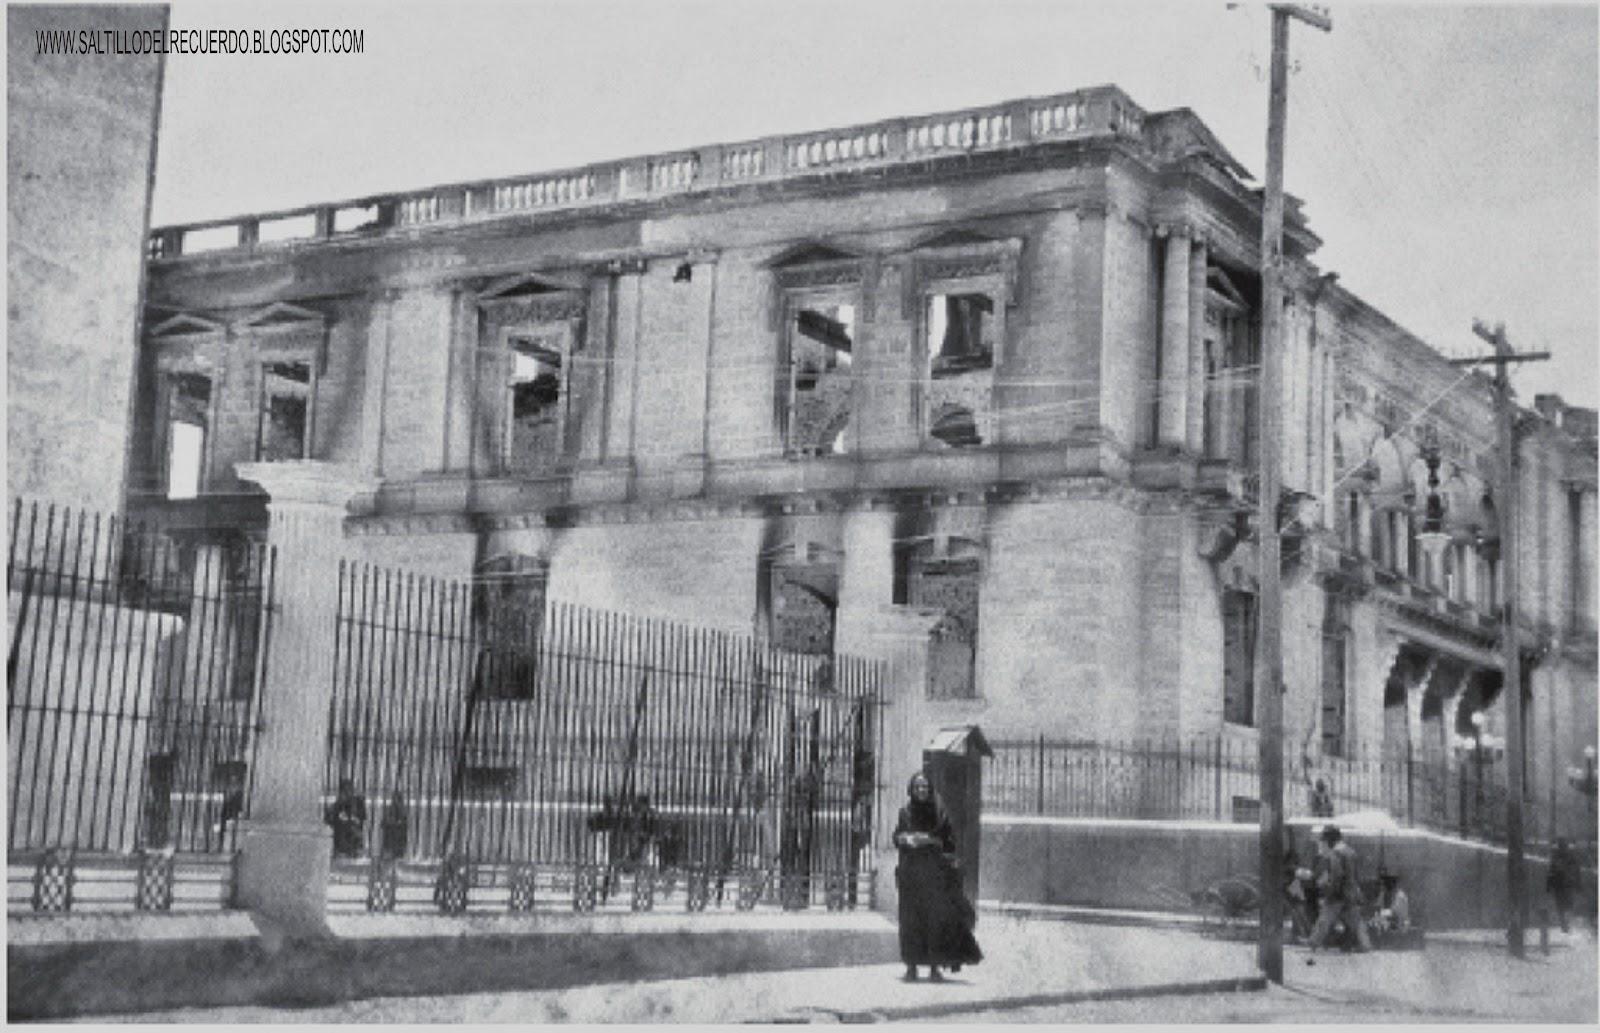 Incendio casino granada siglo xix